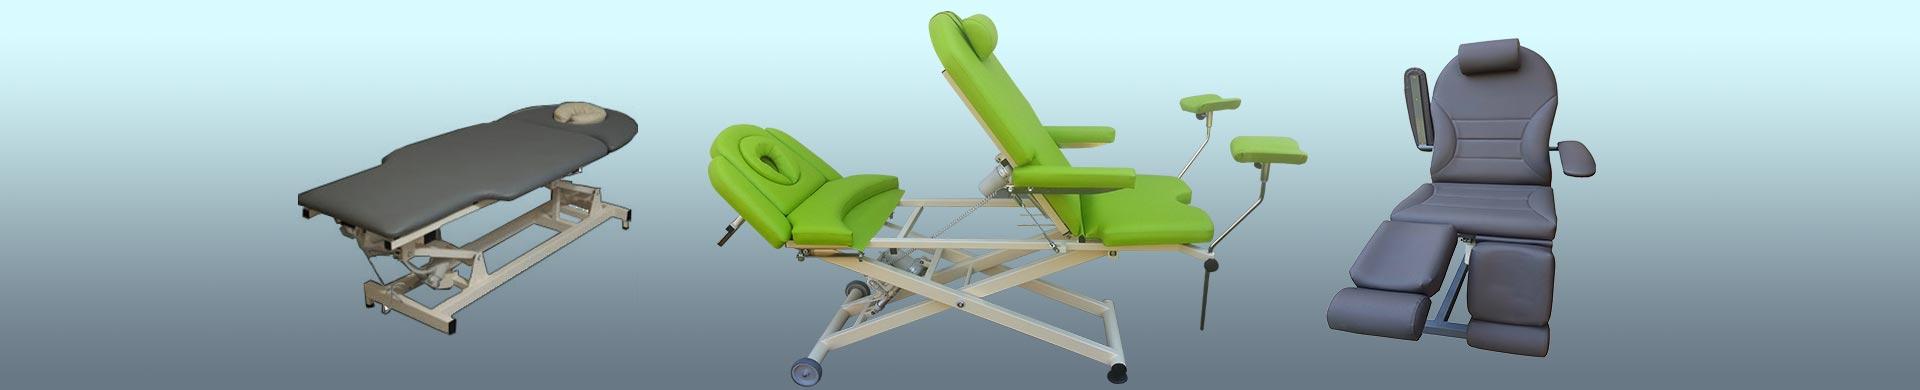 Egészségügyi vizsgáló és kozmetikai székek, masszázságyak.